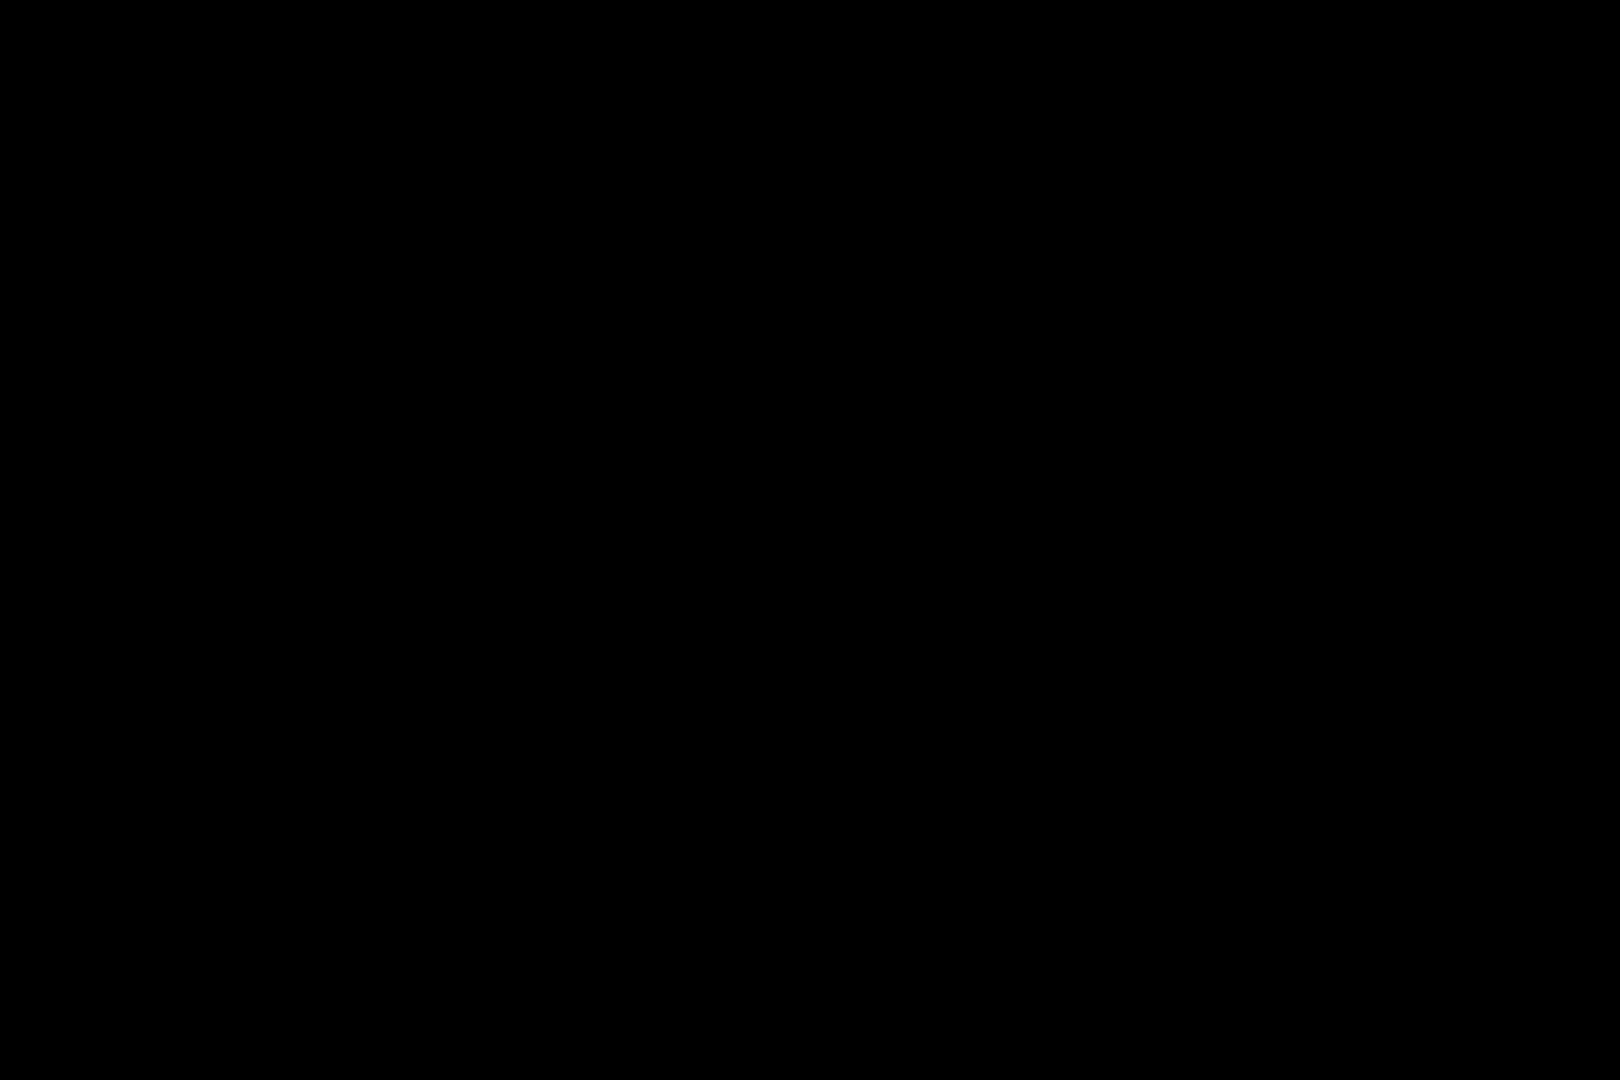 充血監督の深夜の運動会Vol.14 盗撮 おまんこ無修正動画無料 103画像 21